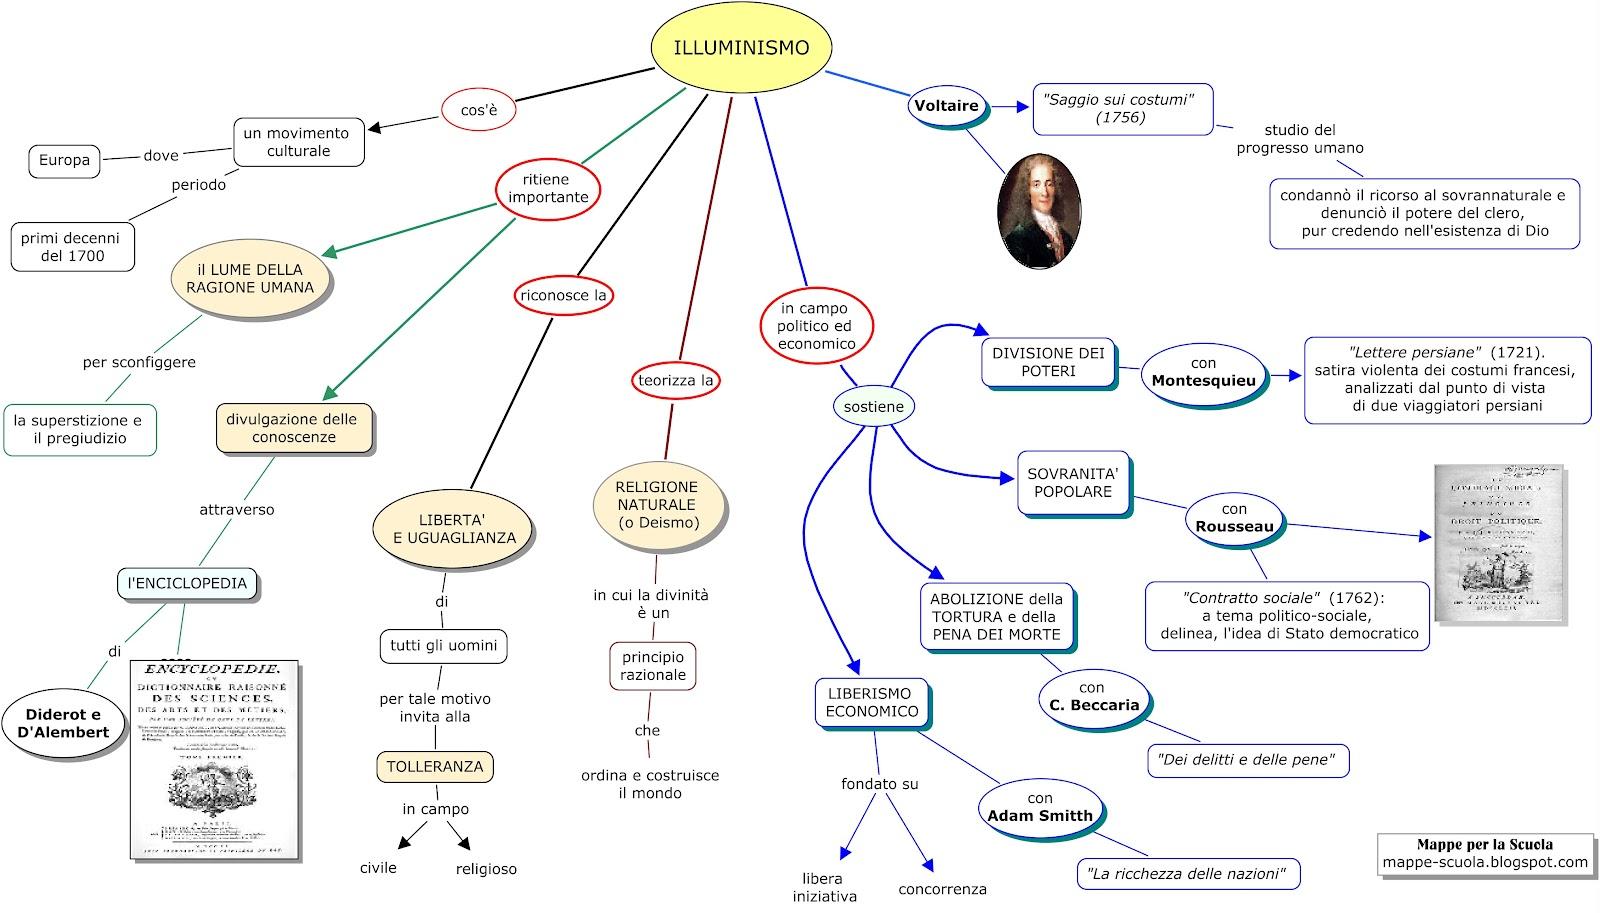 Mappa concettuale ILLUMINISMO mappa concettuale per storia